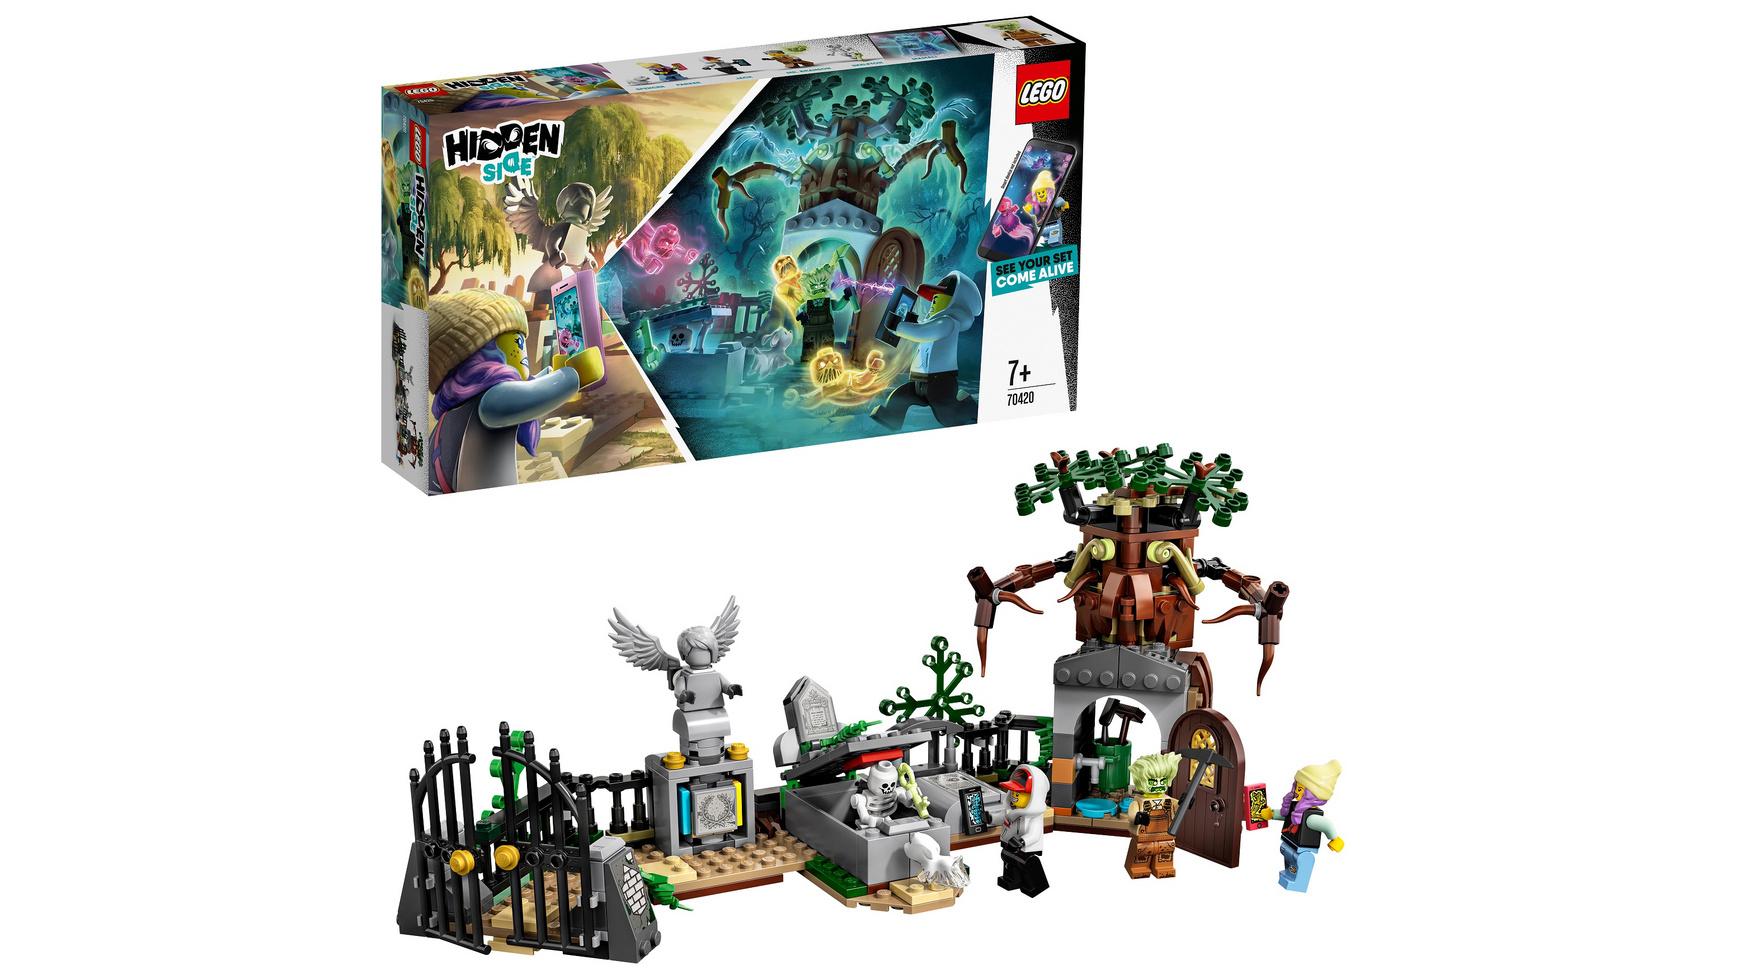 LEGO Hidden Side - 70420 Geheimnisvoller Friedhof 19,99 euro